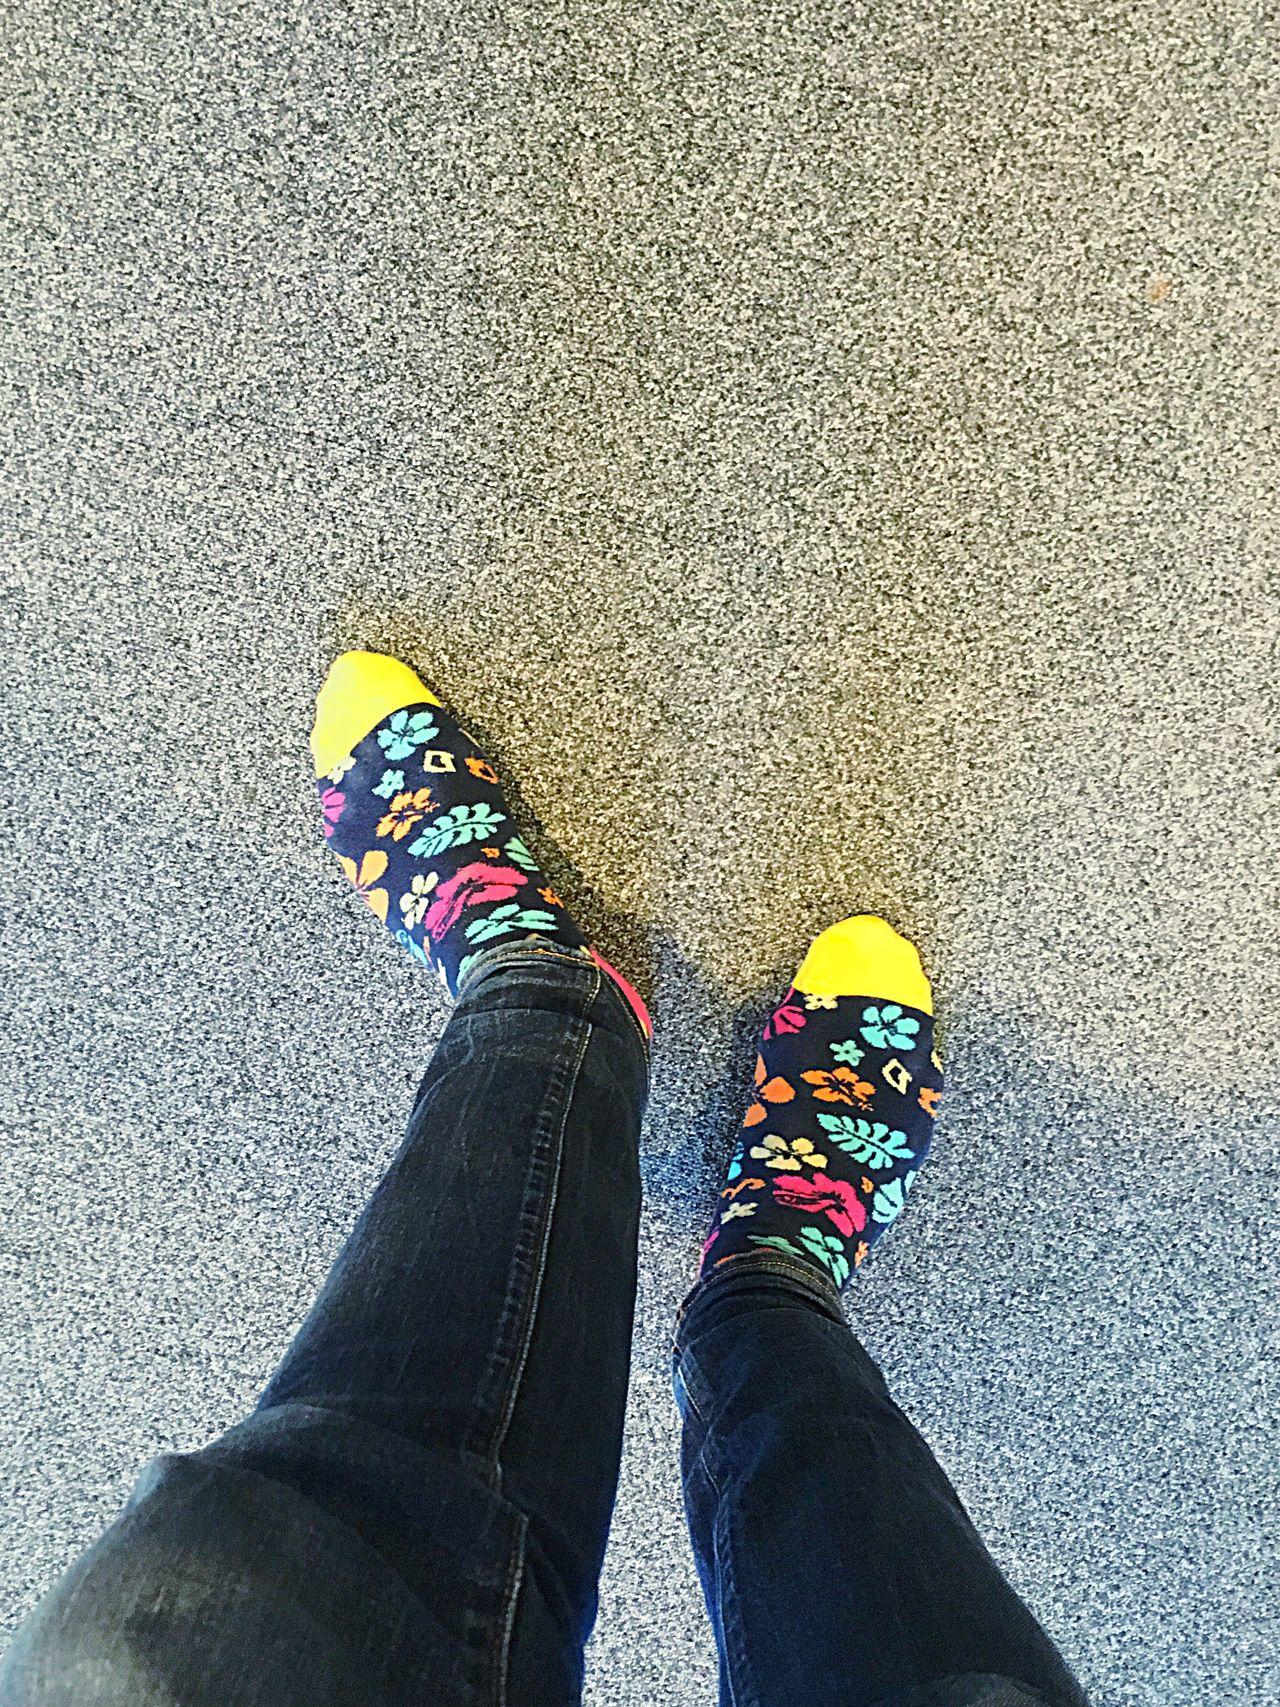 Socks Happy Socks Carpet Colorful Color Splash Colorful Socks Color Socks Pattern Pieces Pastel Power TK Maxx Socksie